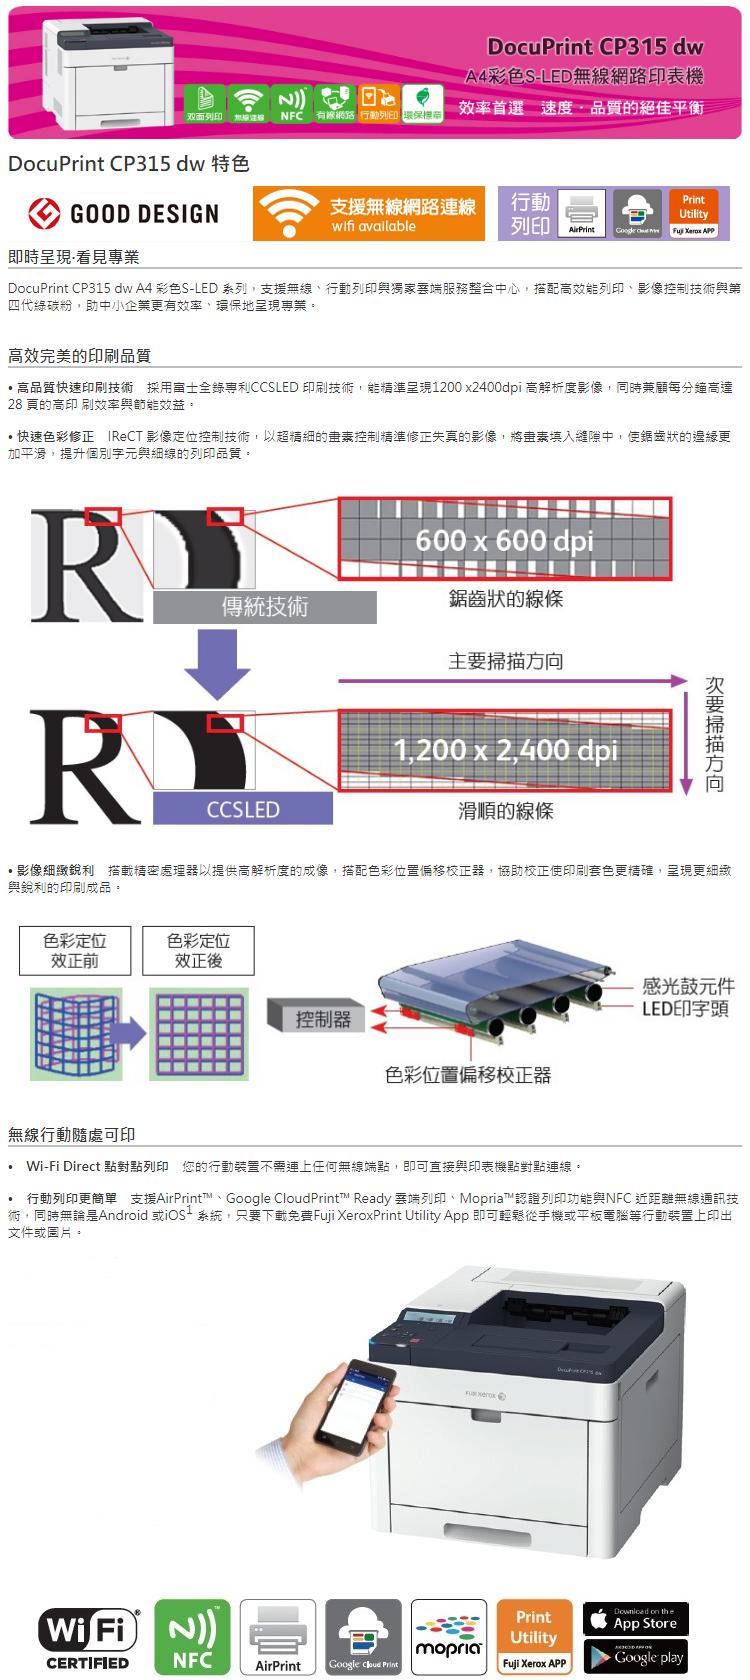 Fuji Xerox CP315dw 無線網路印表機